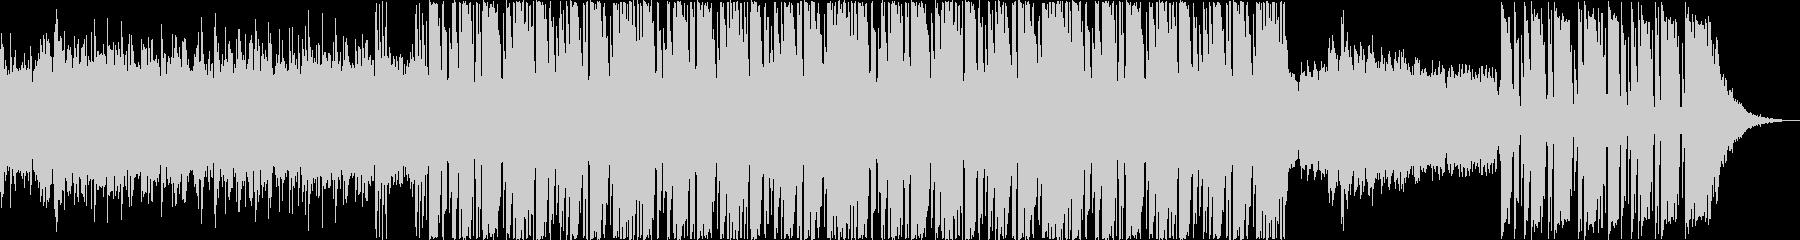 実験的。エフェクトとシンセとピアノ...の未再生の波形